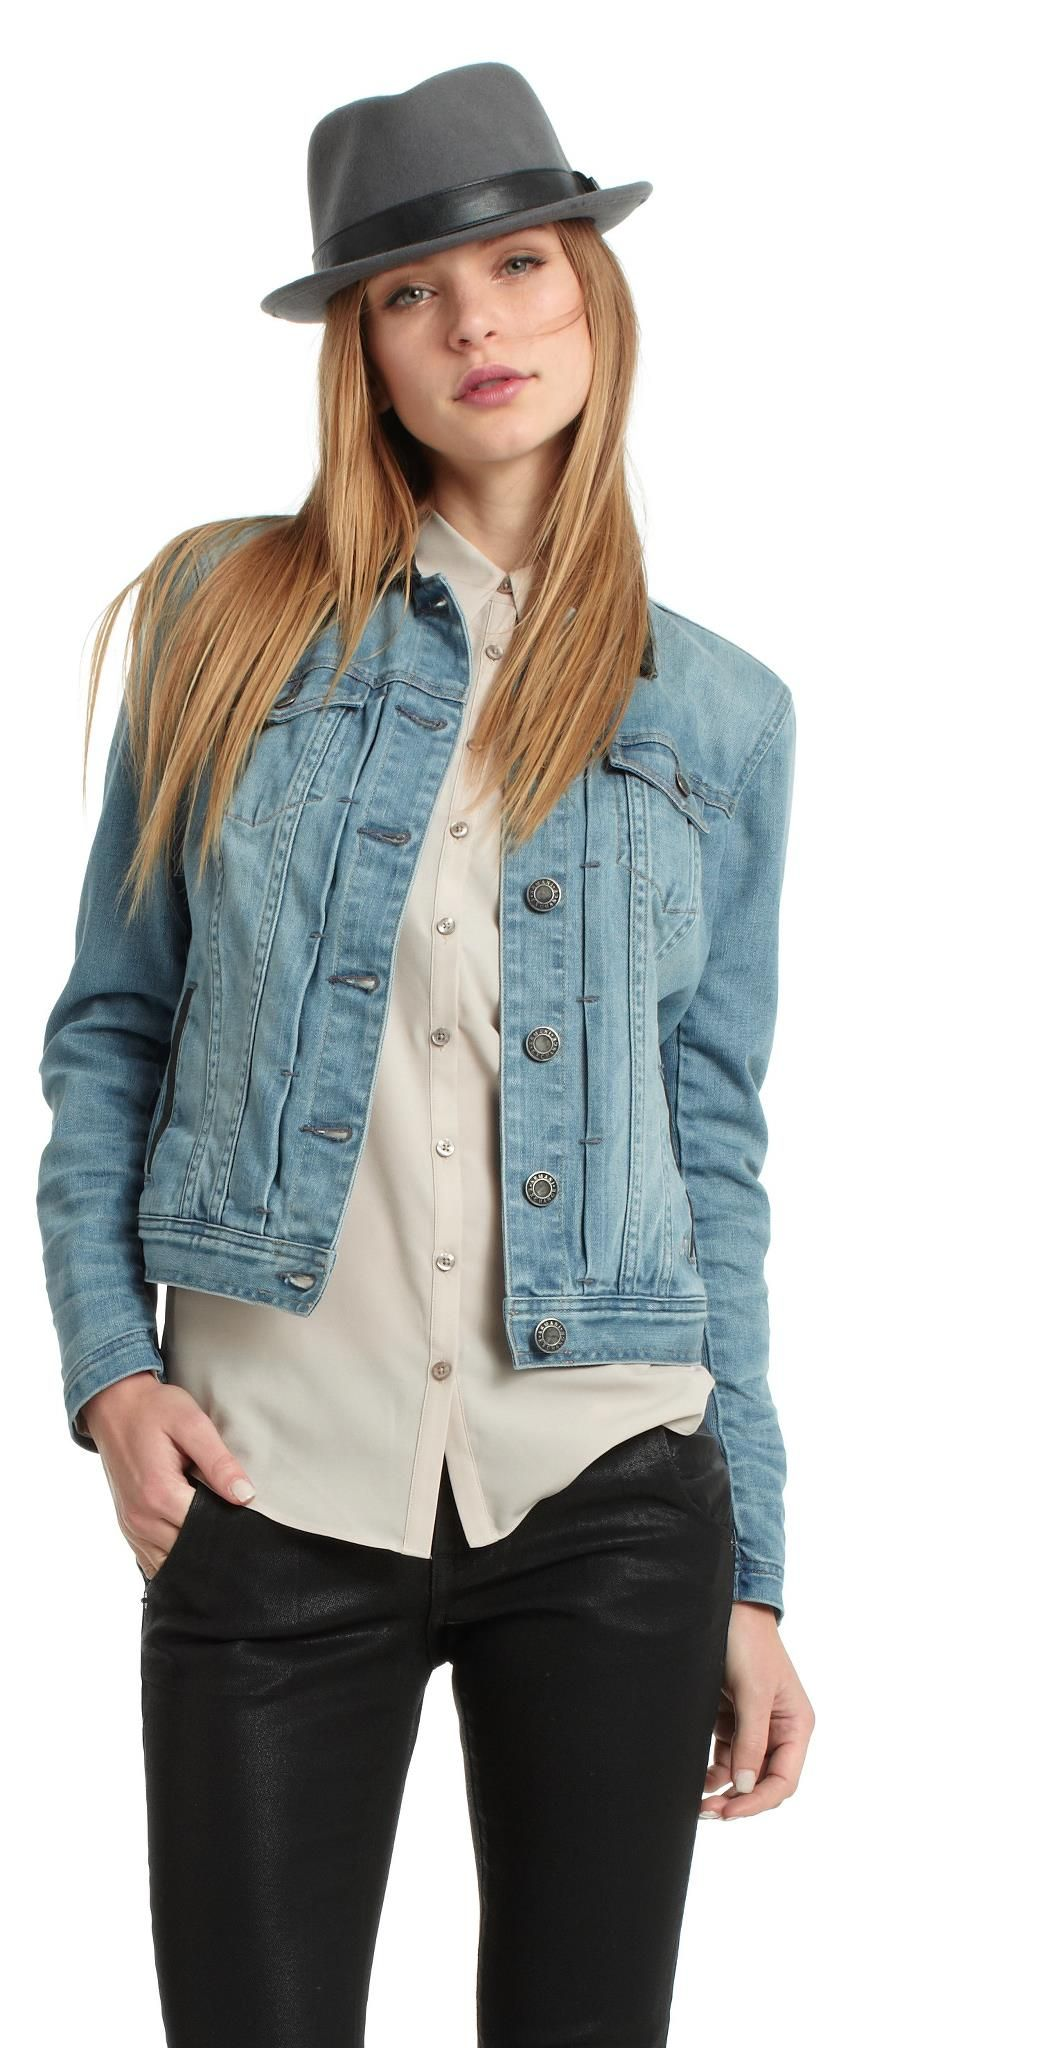 trendy trendy clothes